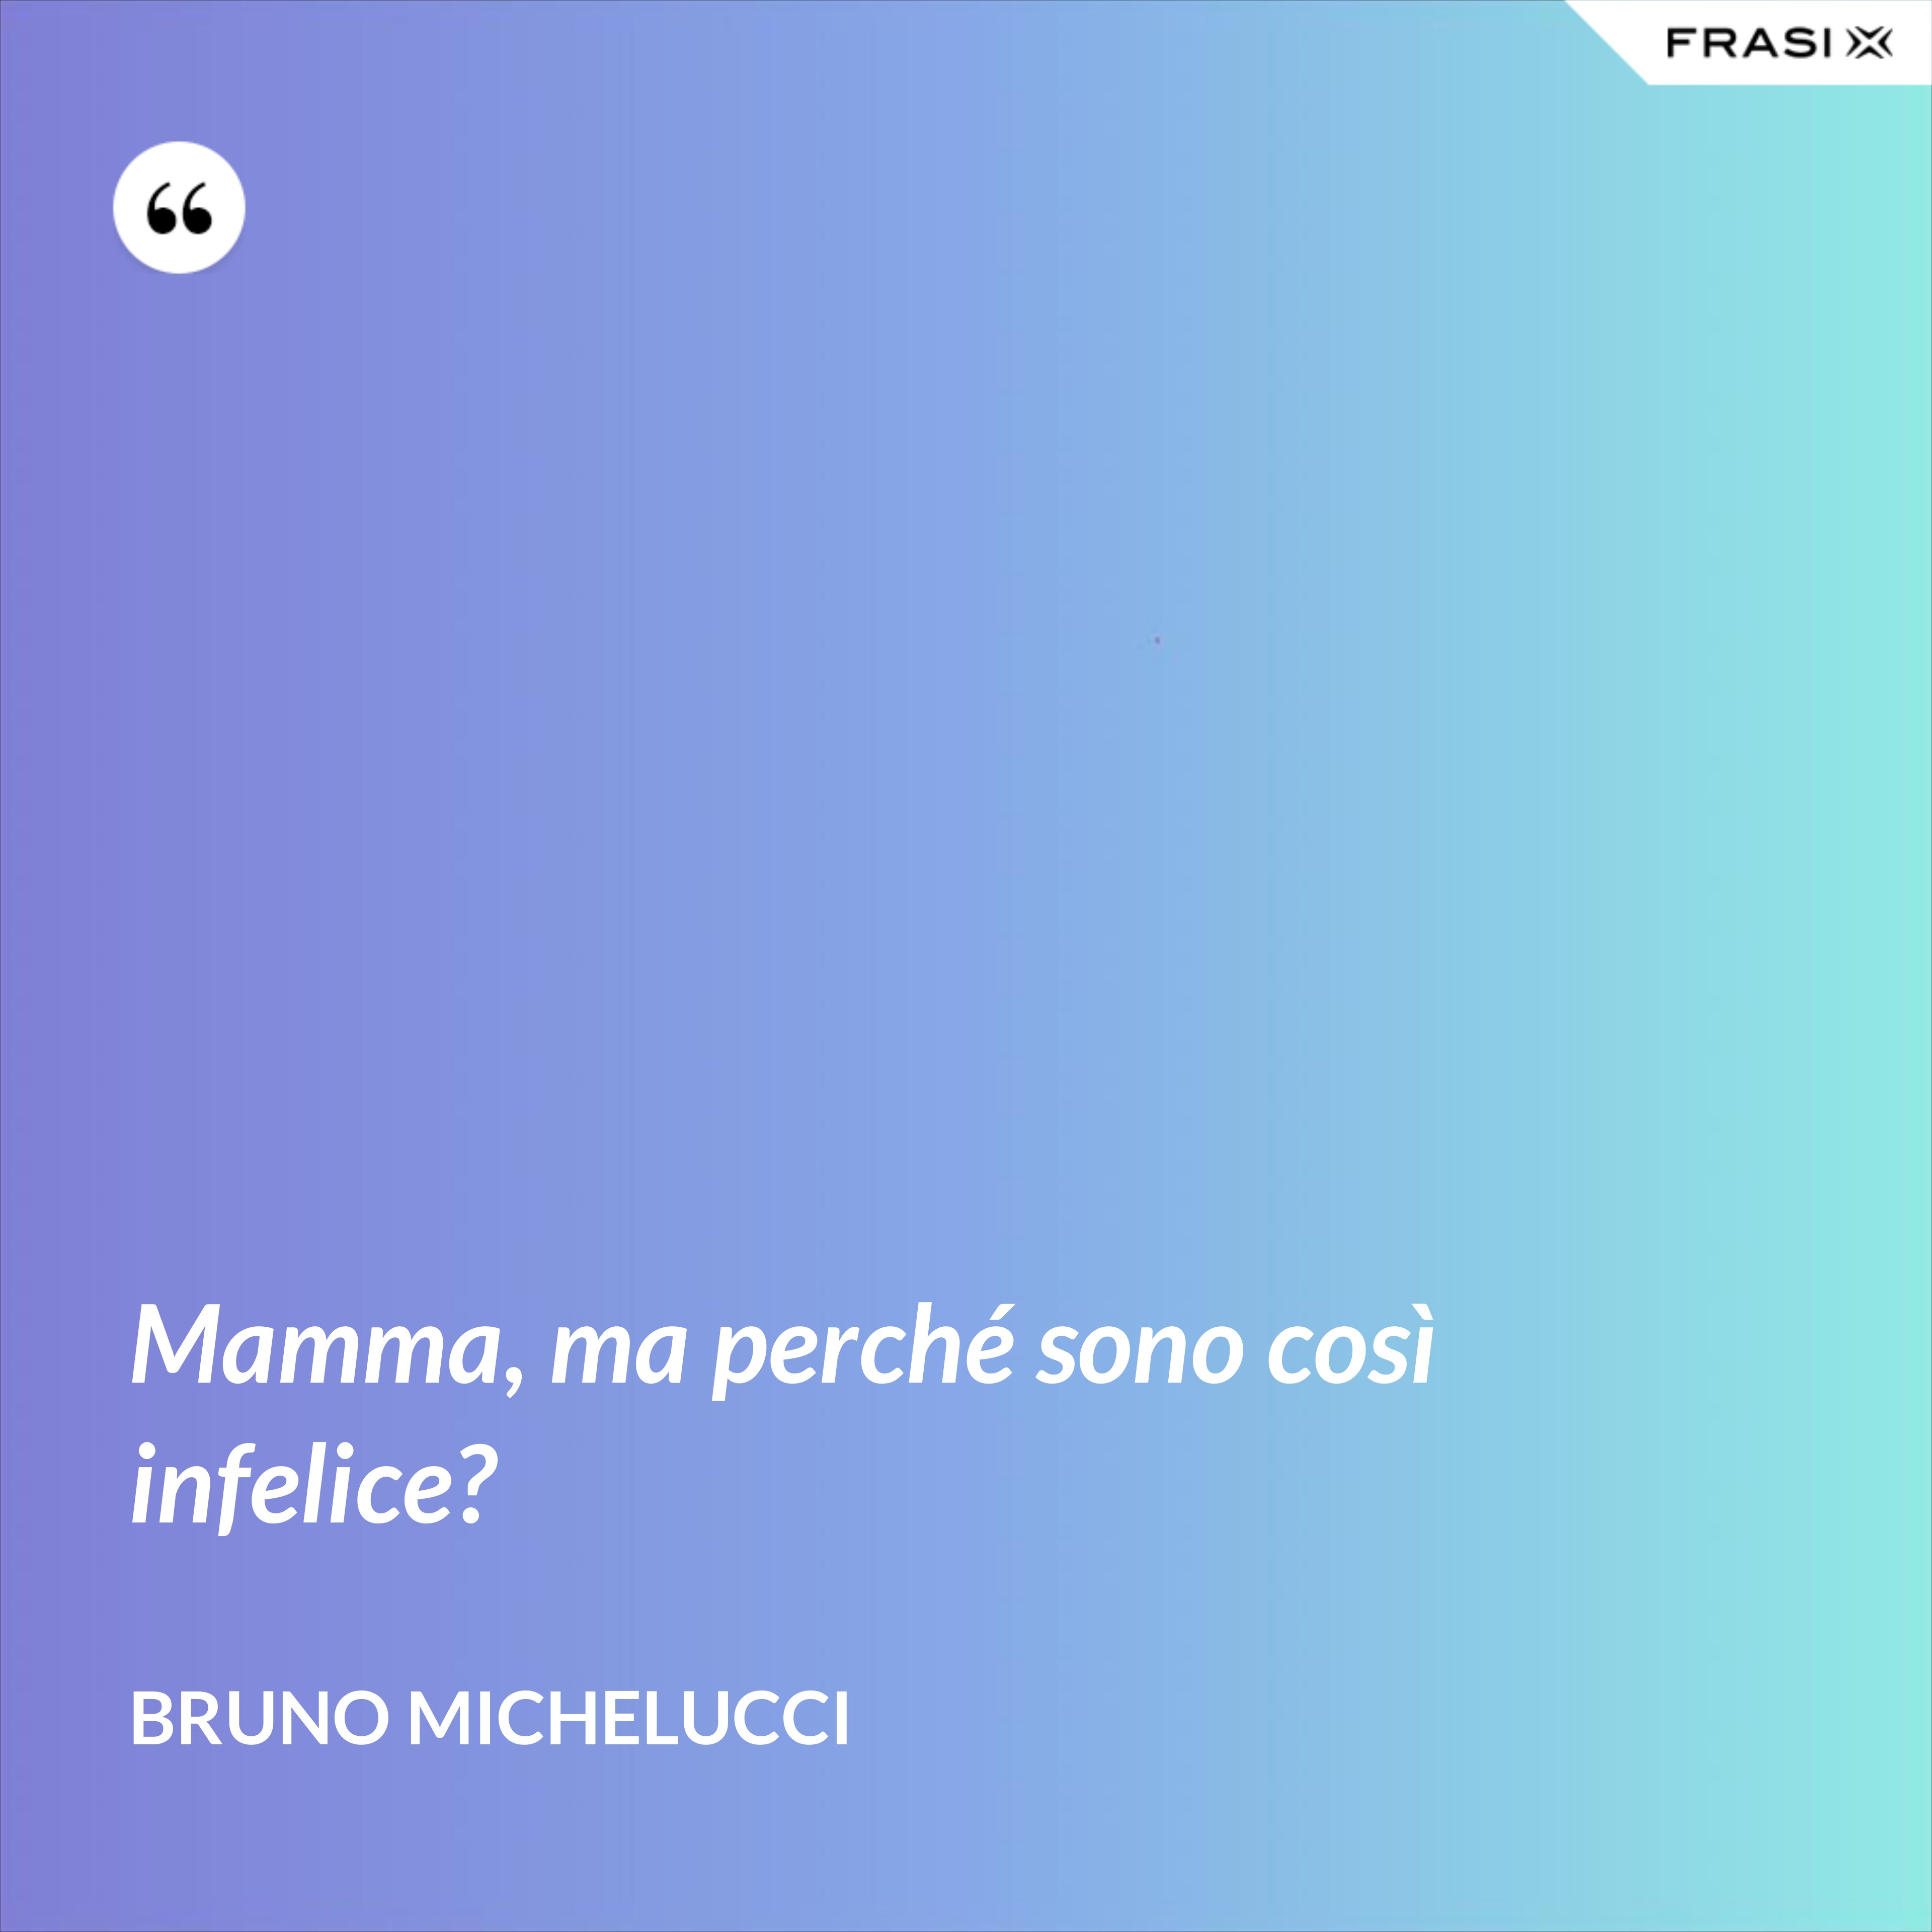 Mamma, ma perché sono così infelice? - Bruno Michelucci